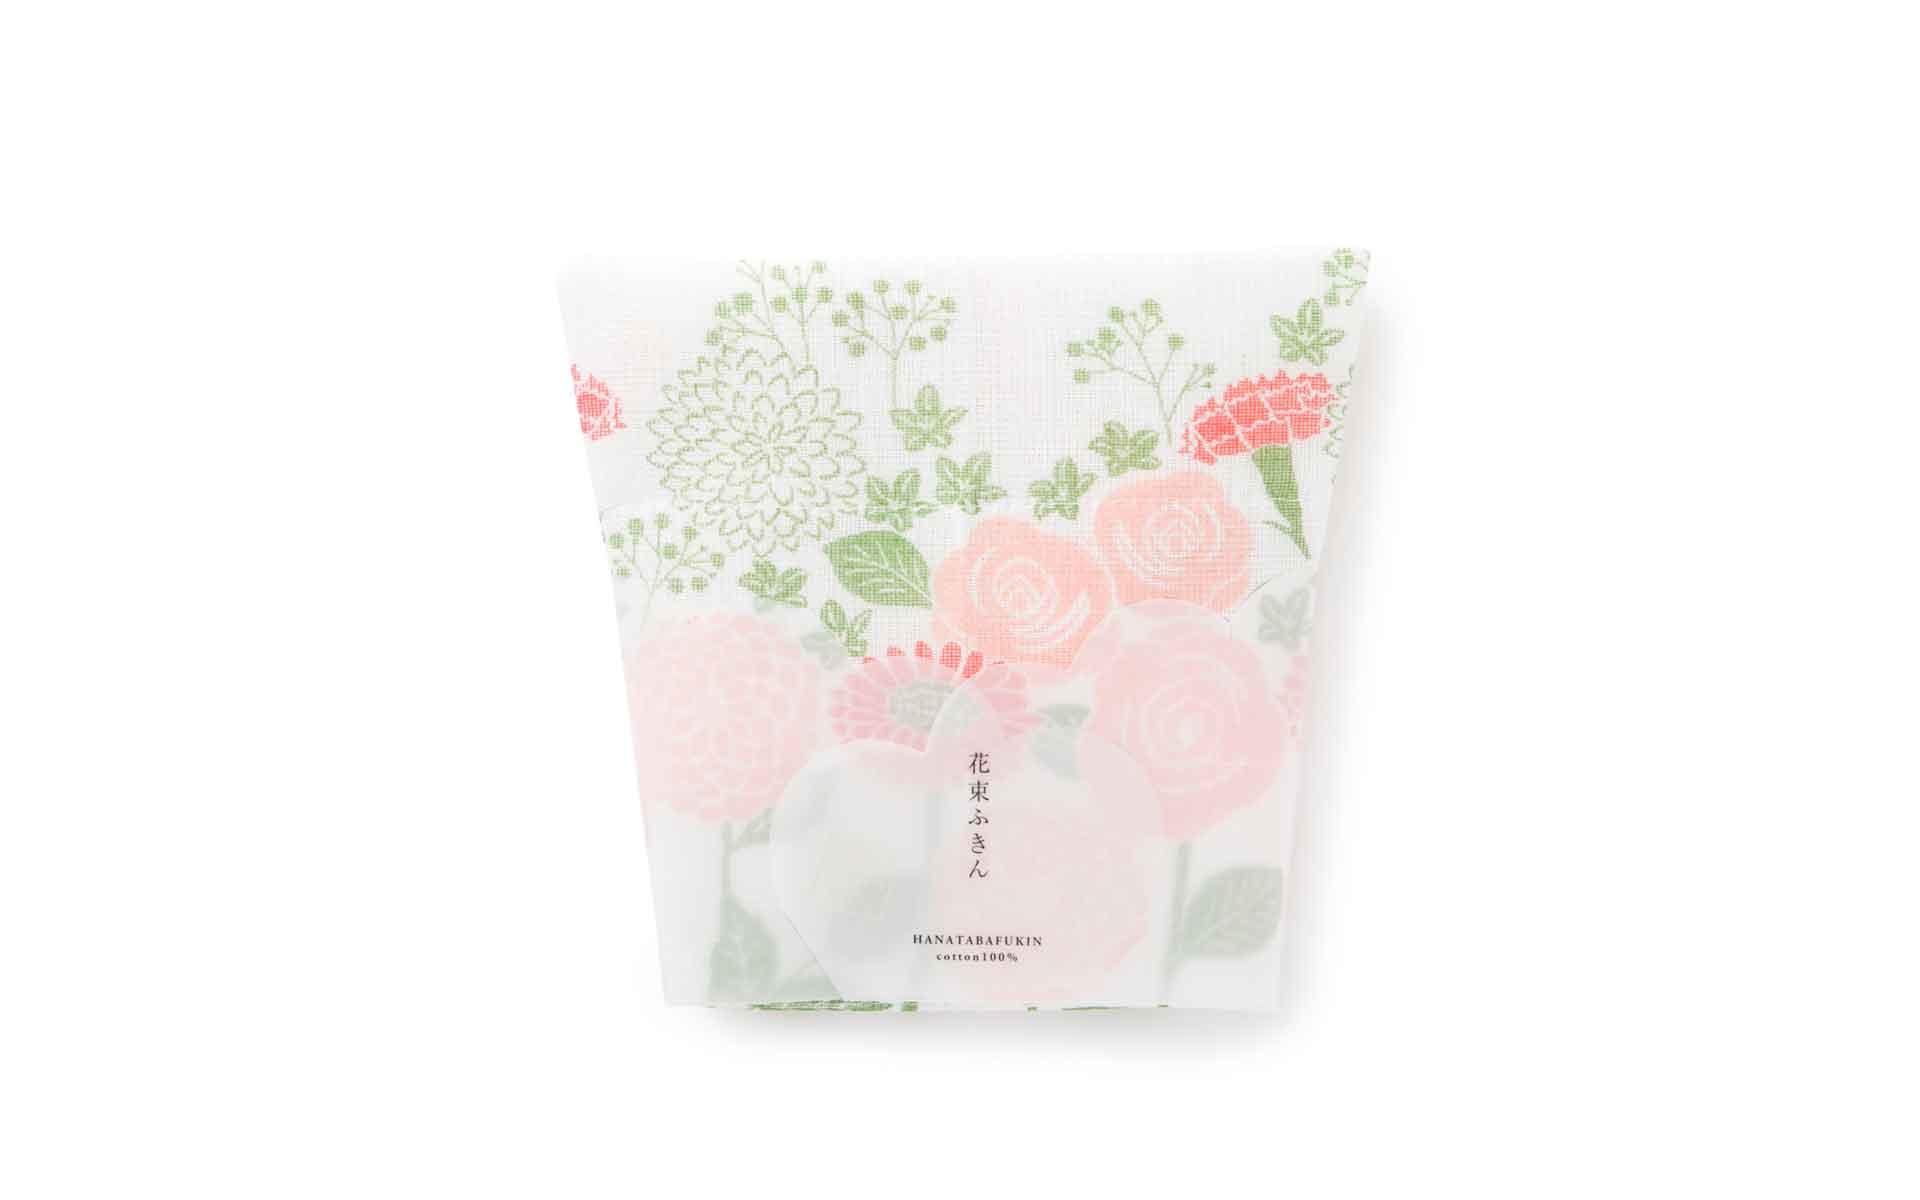 最近はこんな贈る姿も楽しいふきんも。たたむと花束のように見える「花束ふきん」